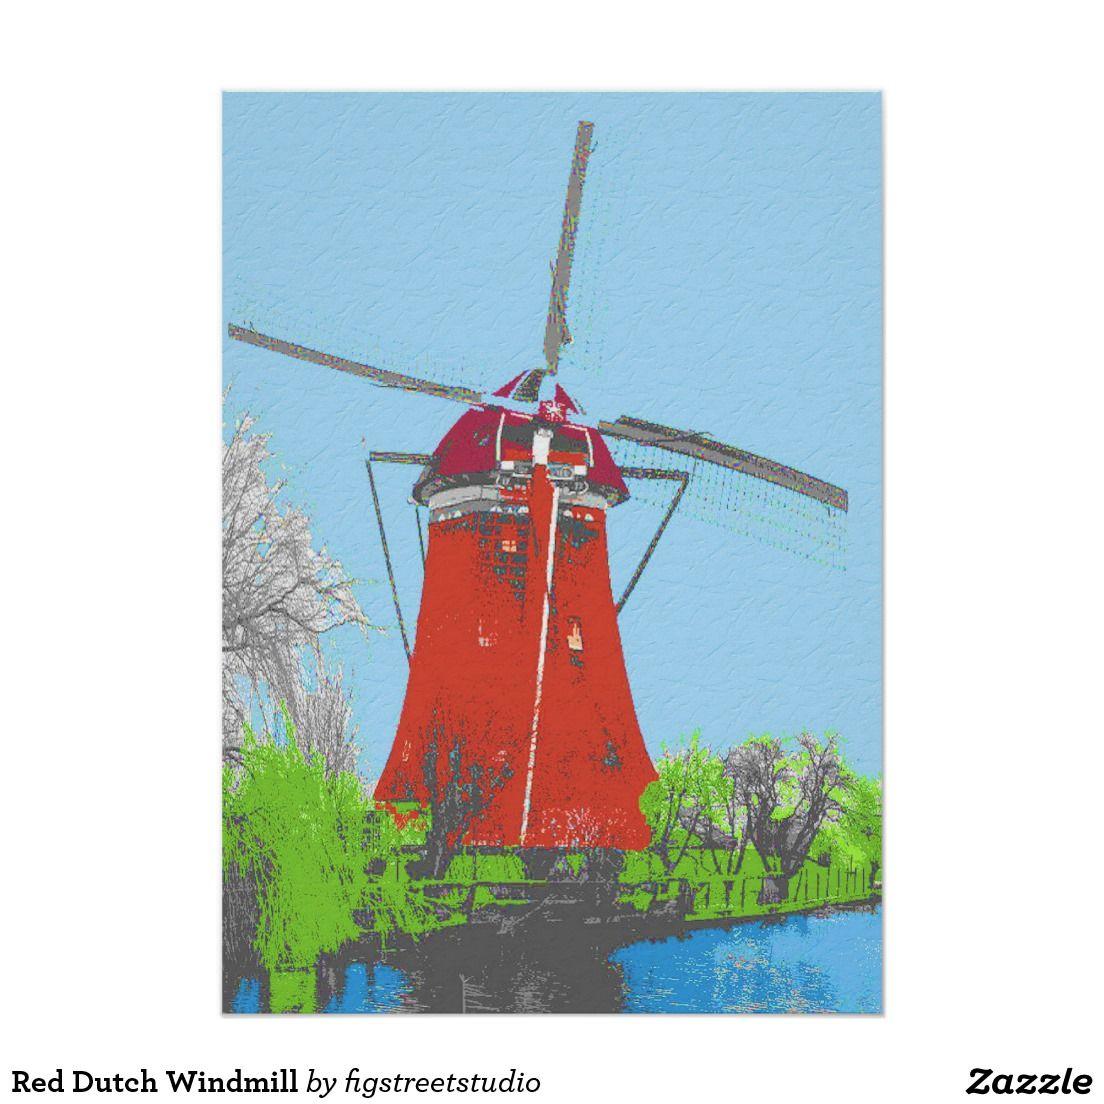 Red Dutch Windmill